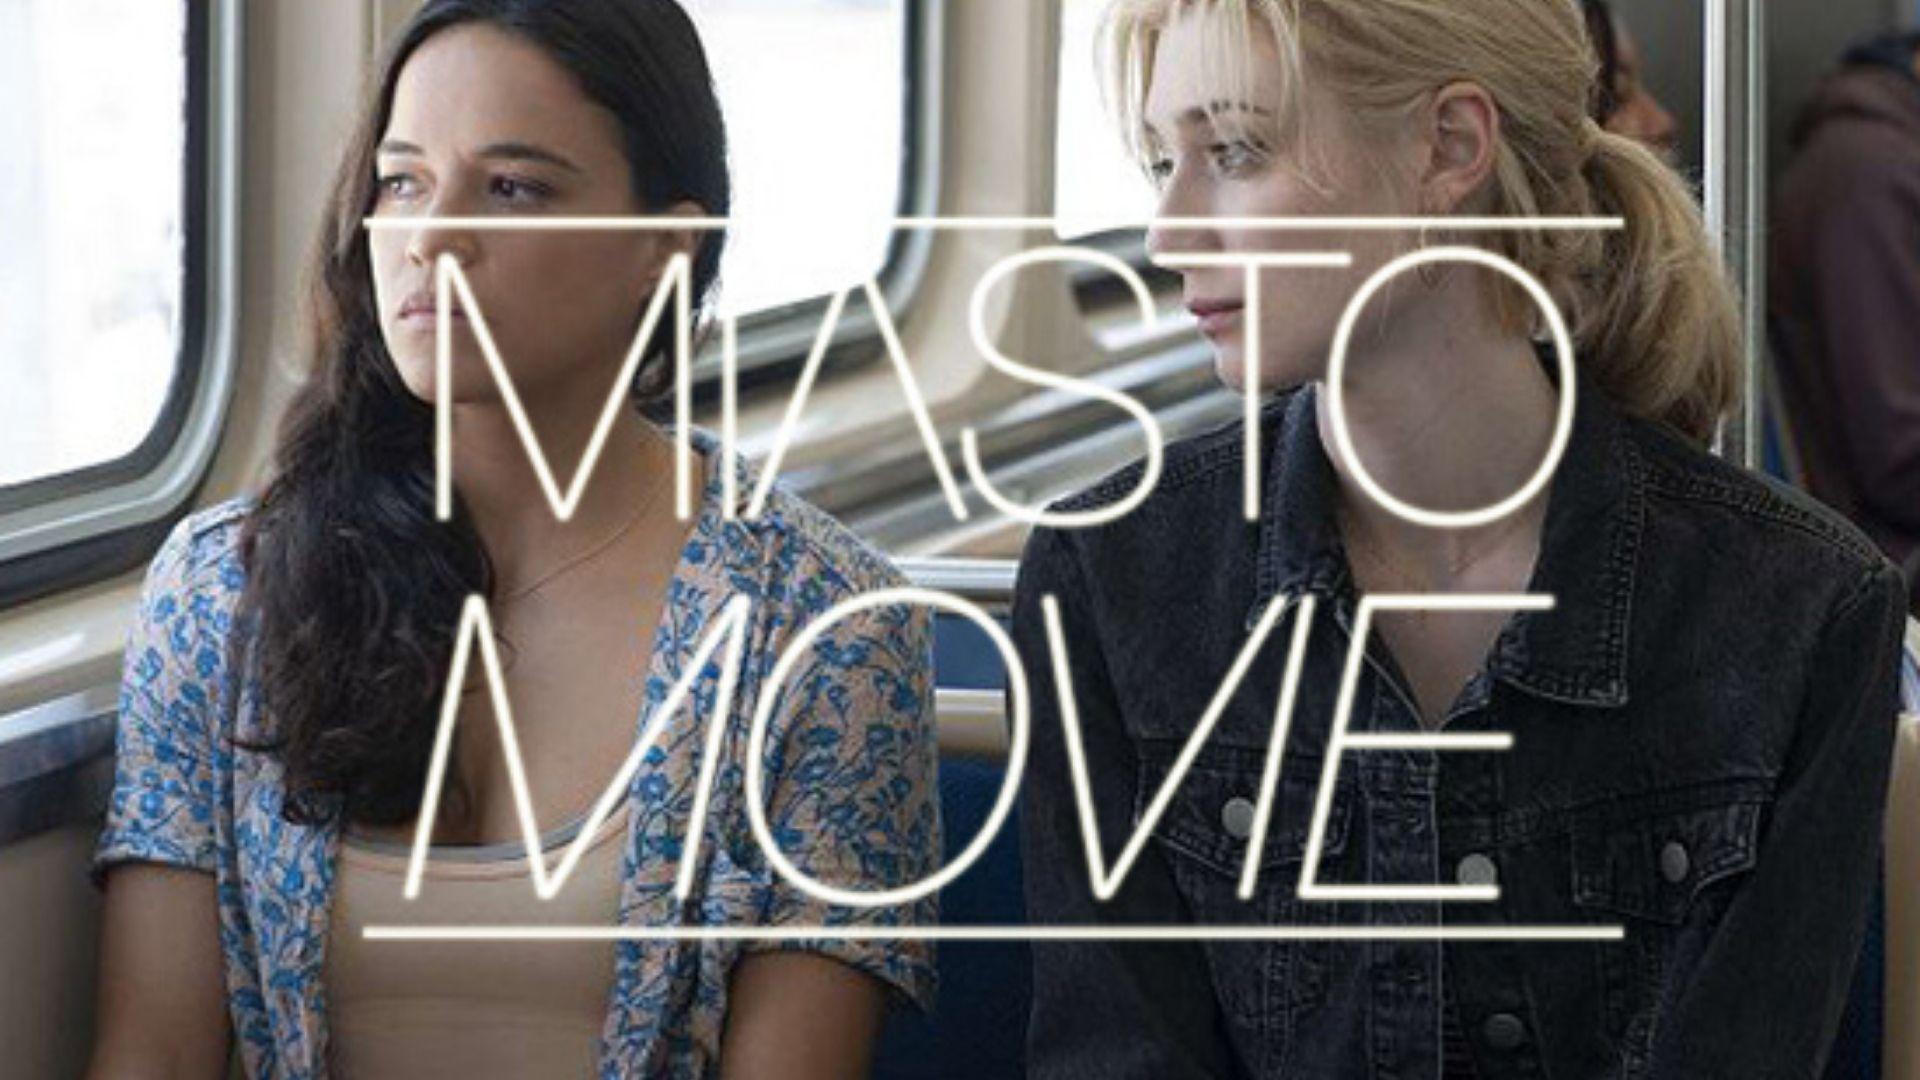 """Na zdjęciu kadr z filmu. dwie kobiety siedzą obok siebie w autobusie lub innym środku transportu. Patrzą w okno. Na środku napis """"Miasto Movie"""""""